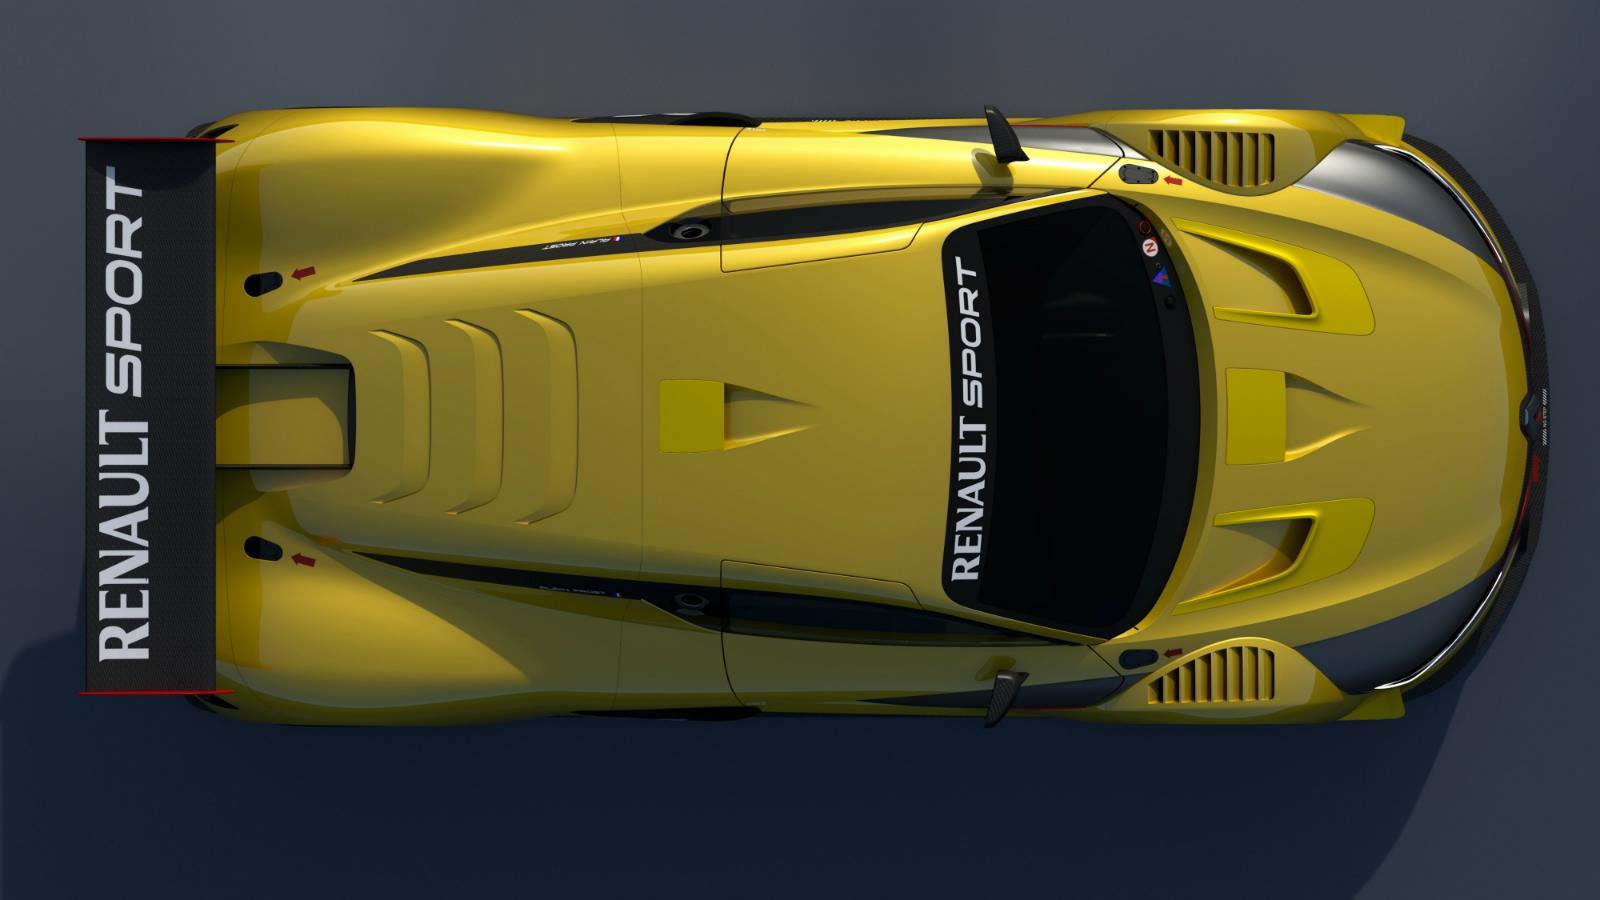 Nuevo Renault Sport R S 01 Renderings 2014: Renault Sport R.S. 01 El Nuevo Súperdeportivo Para Las